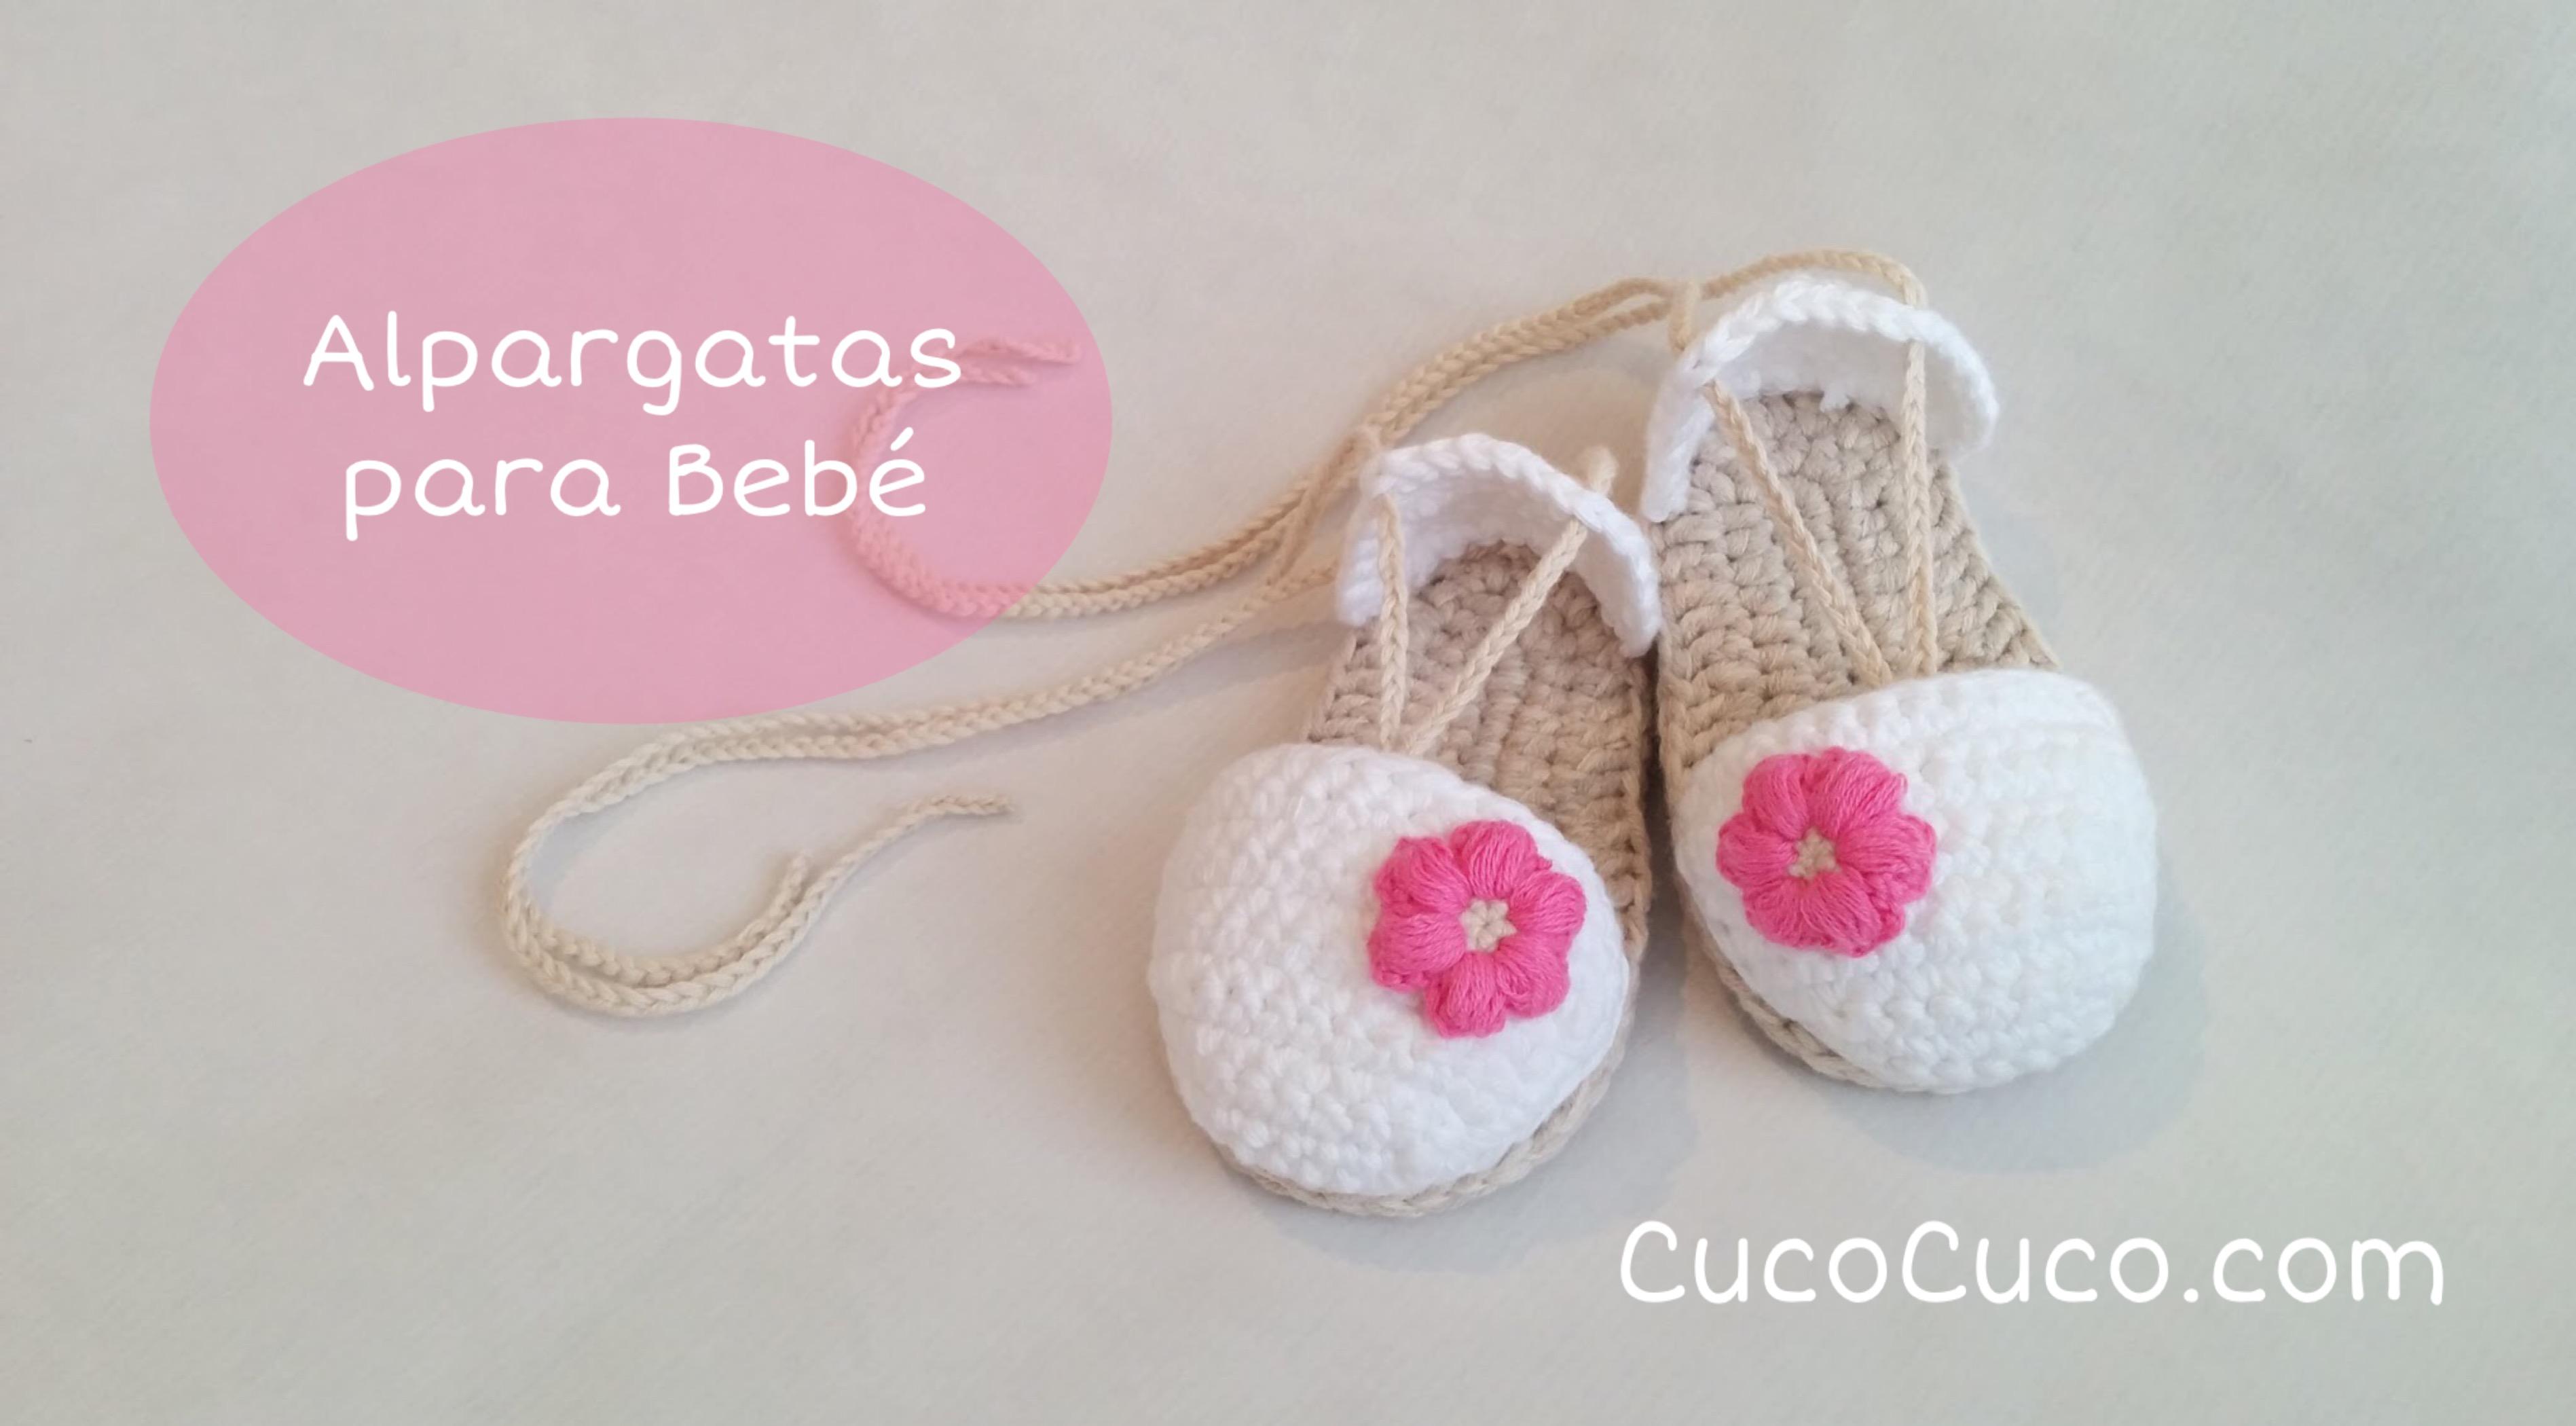 Sandalias O Alpargatas A Crochet Para Bebe Cucocuco